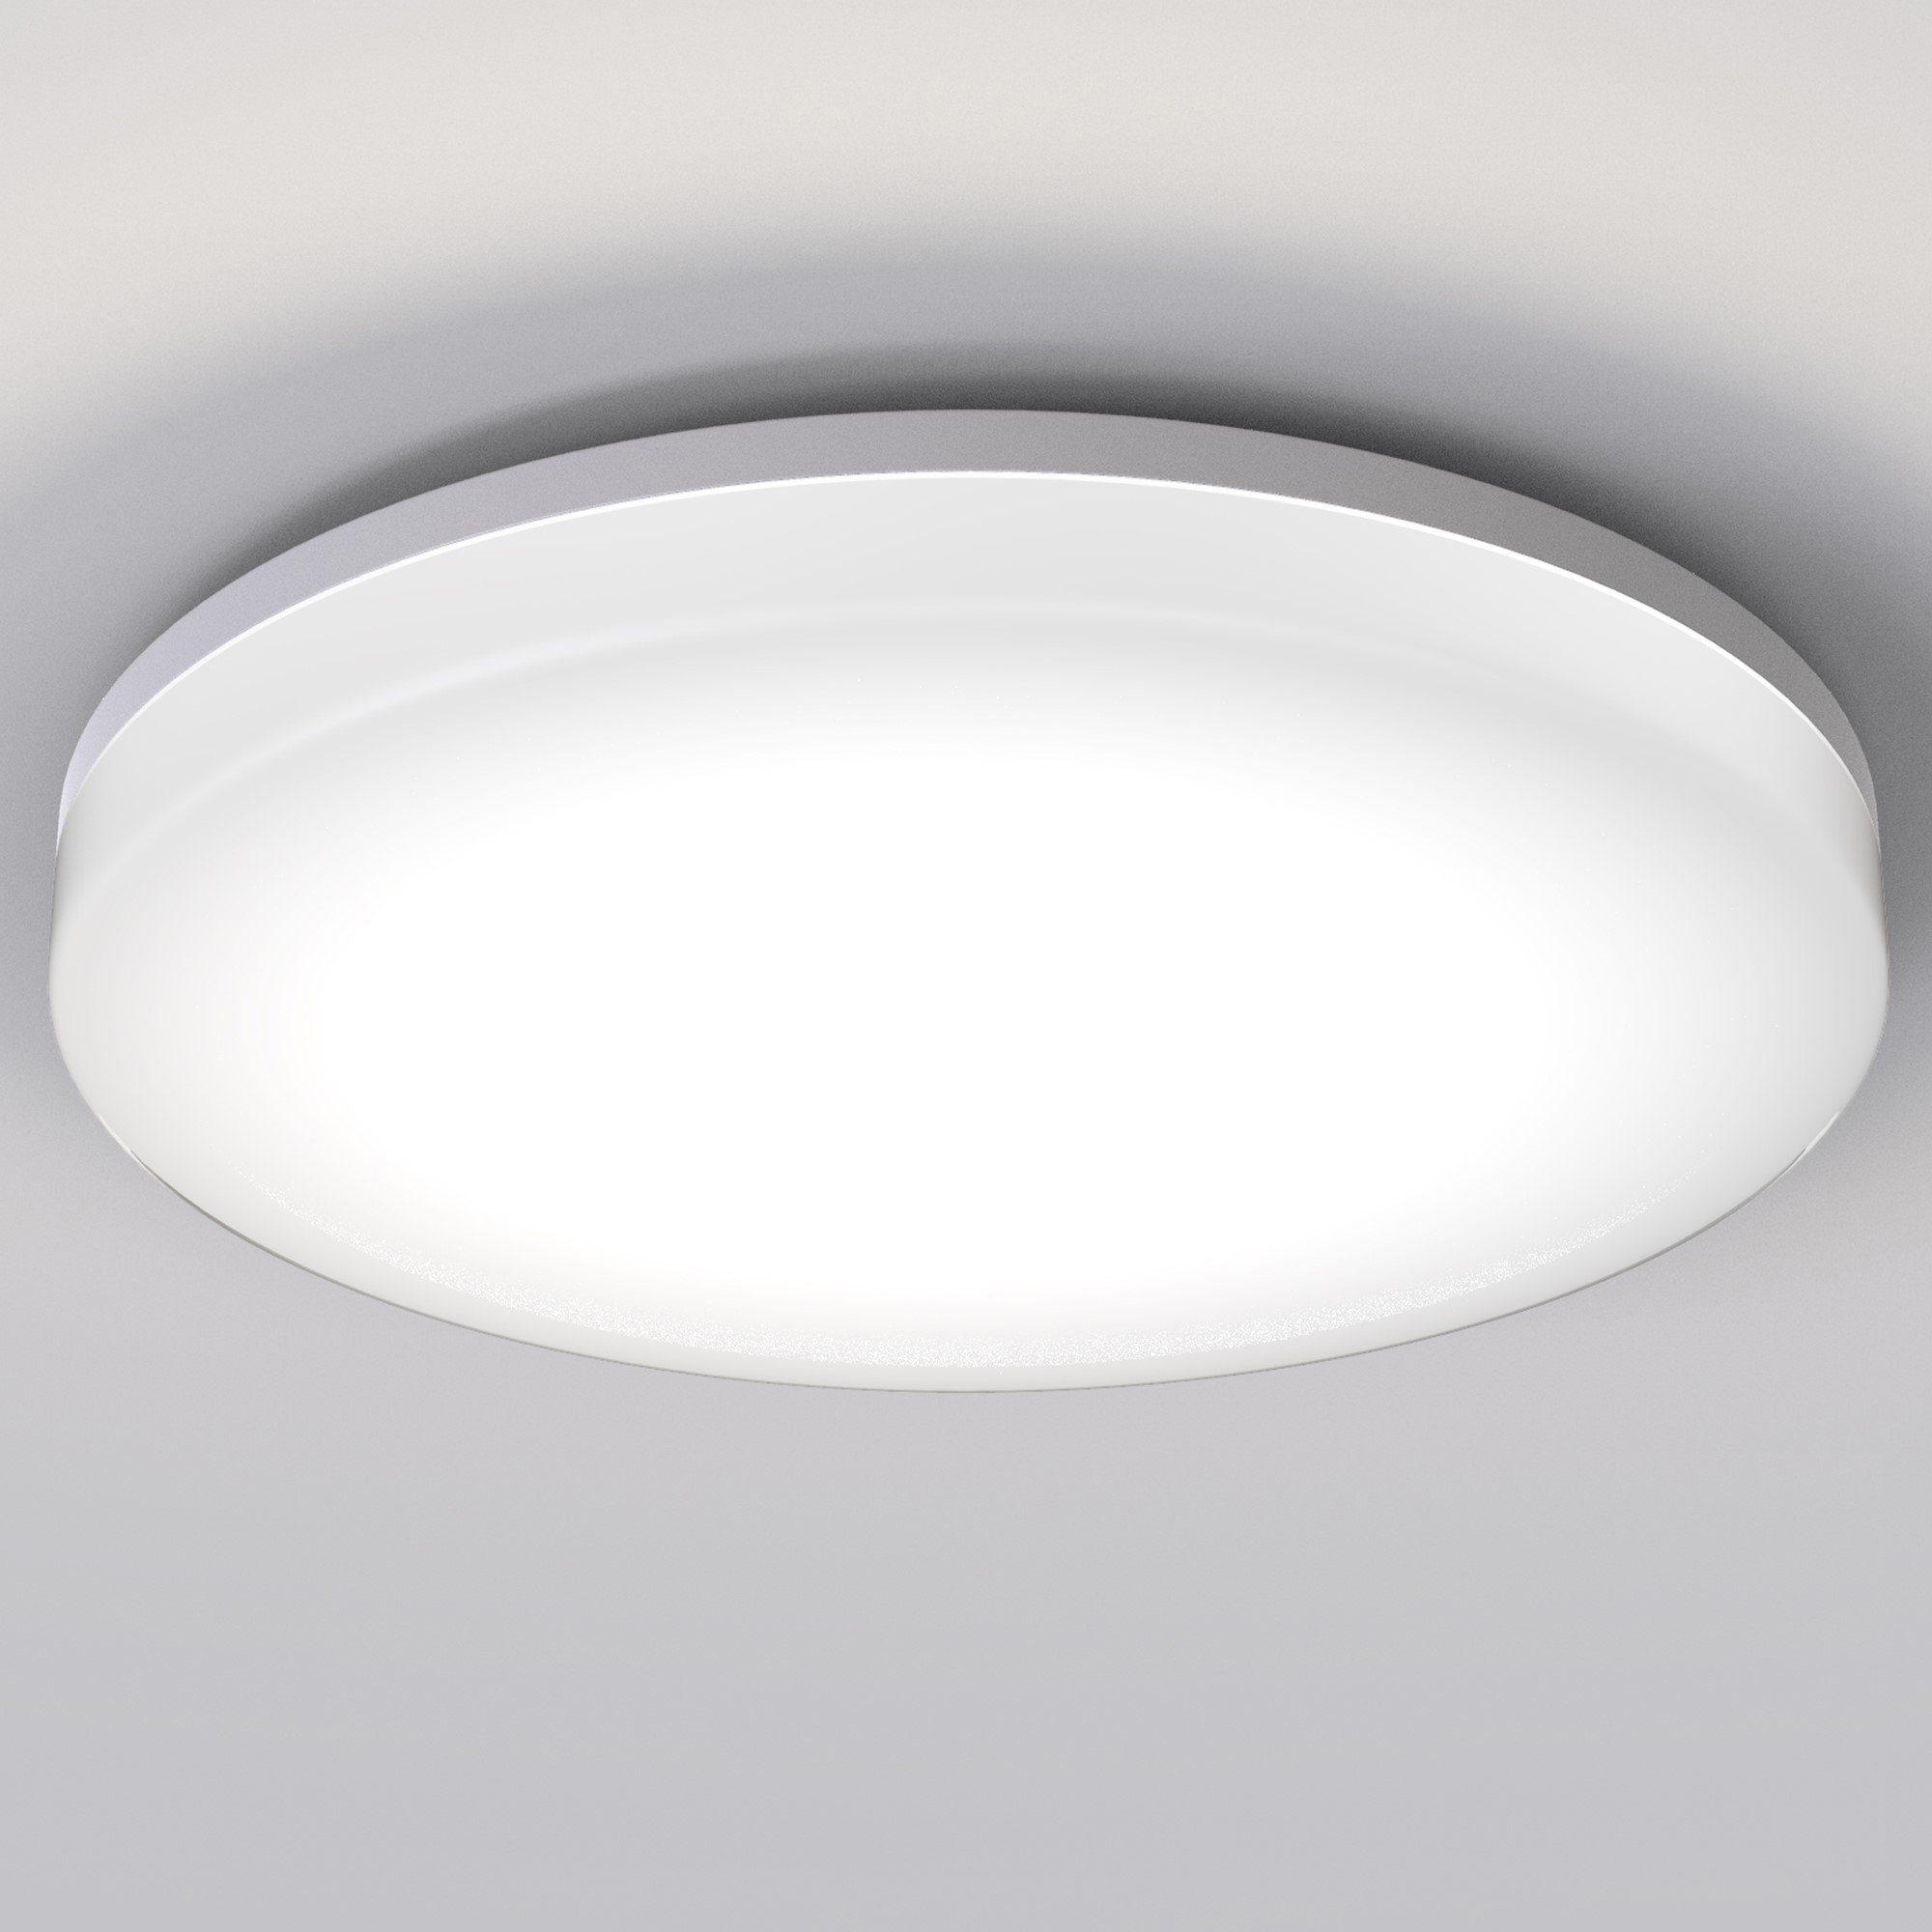 Flache Schlafzimmer Lampe Top 10 Epoxidharz Lampe Stimmungslichter Cetnob